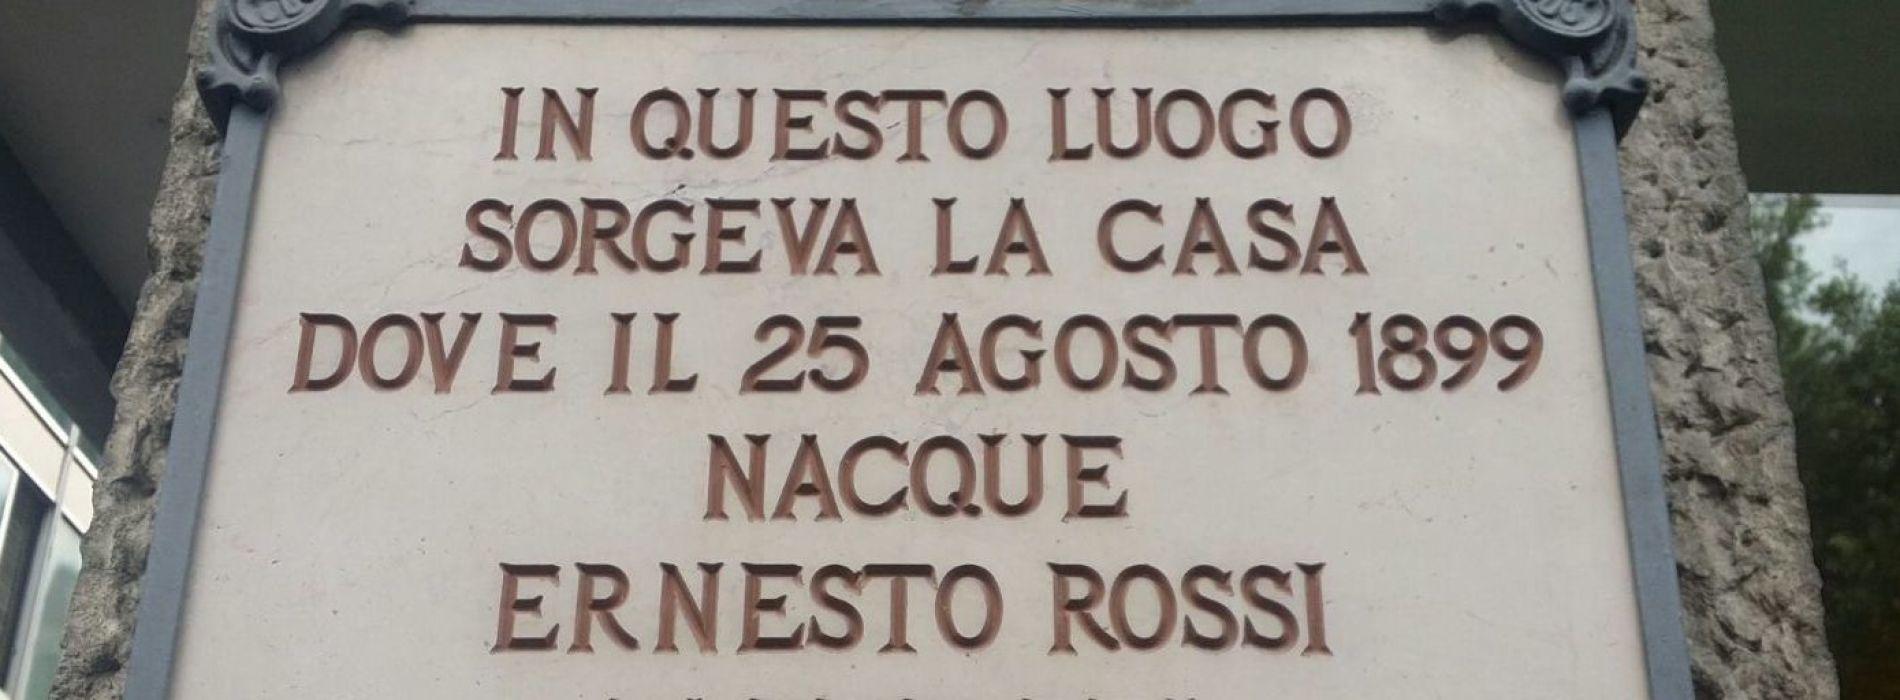 Ernesto Rossi, quel pezzo di Caserta a Ventotene